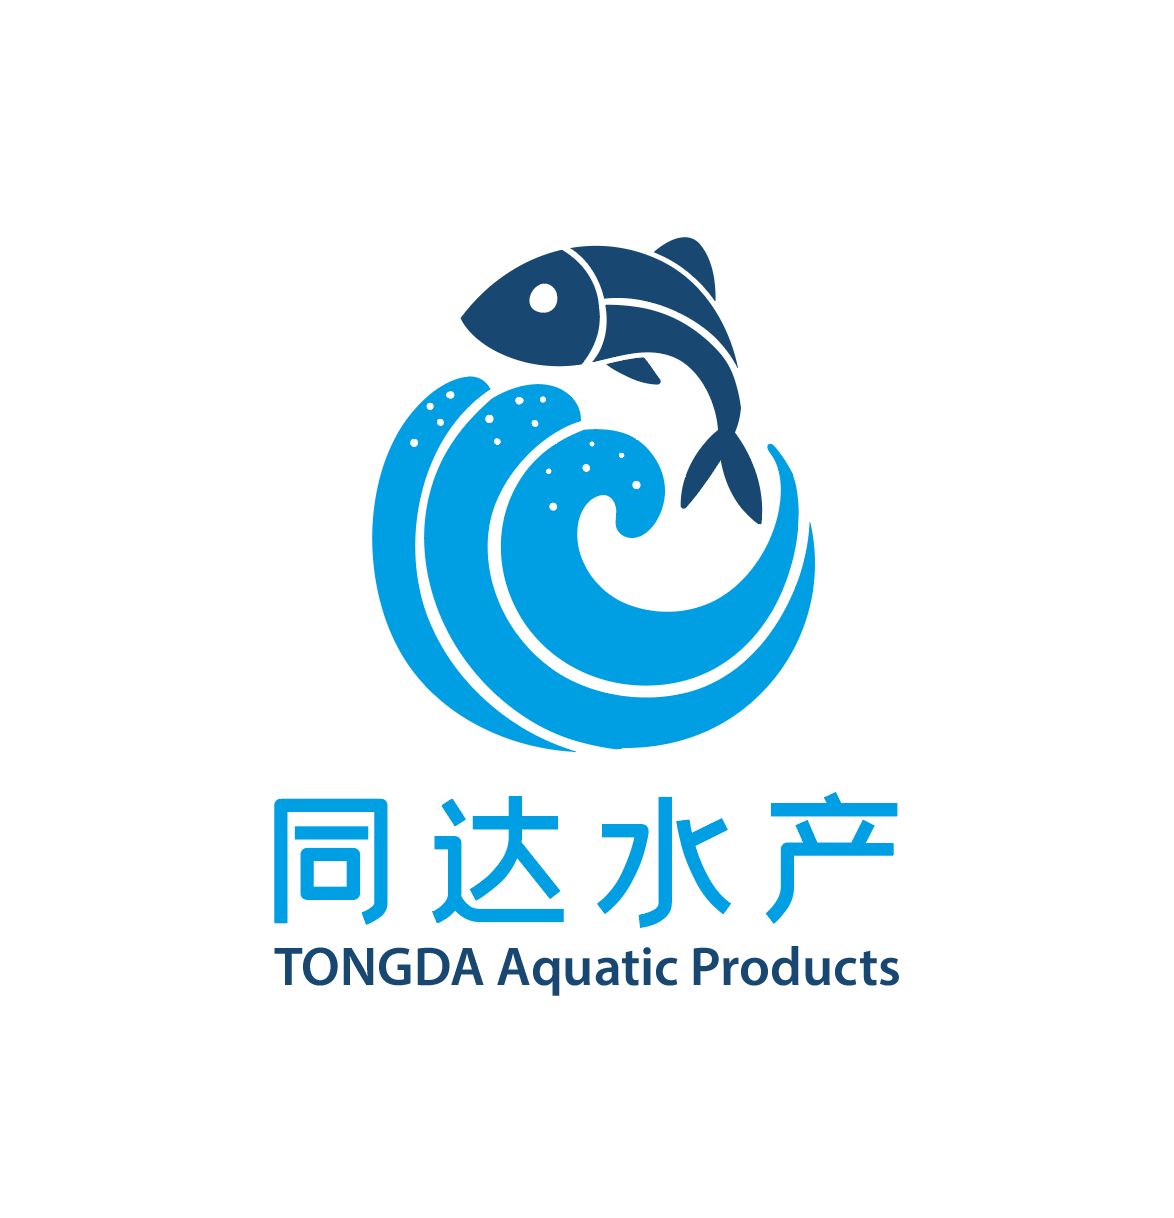 漳州同達水產有限公司